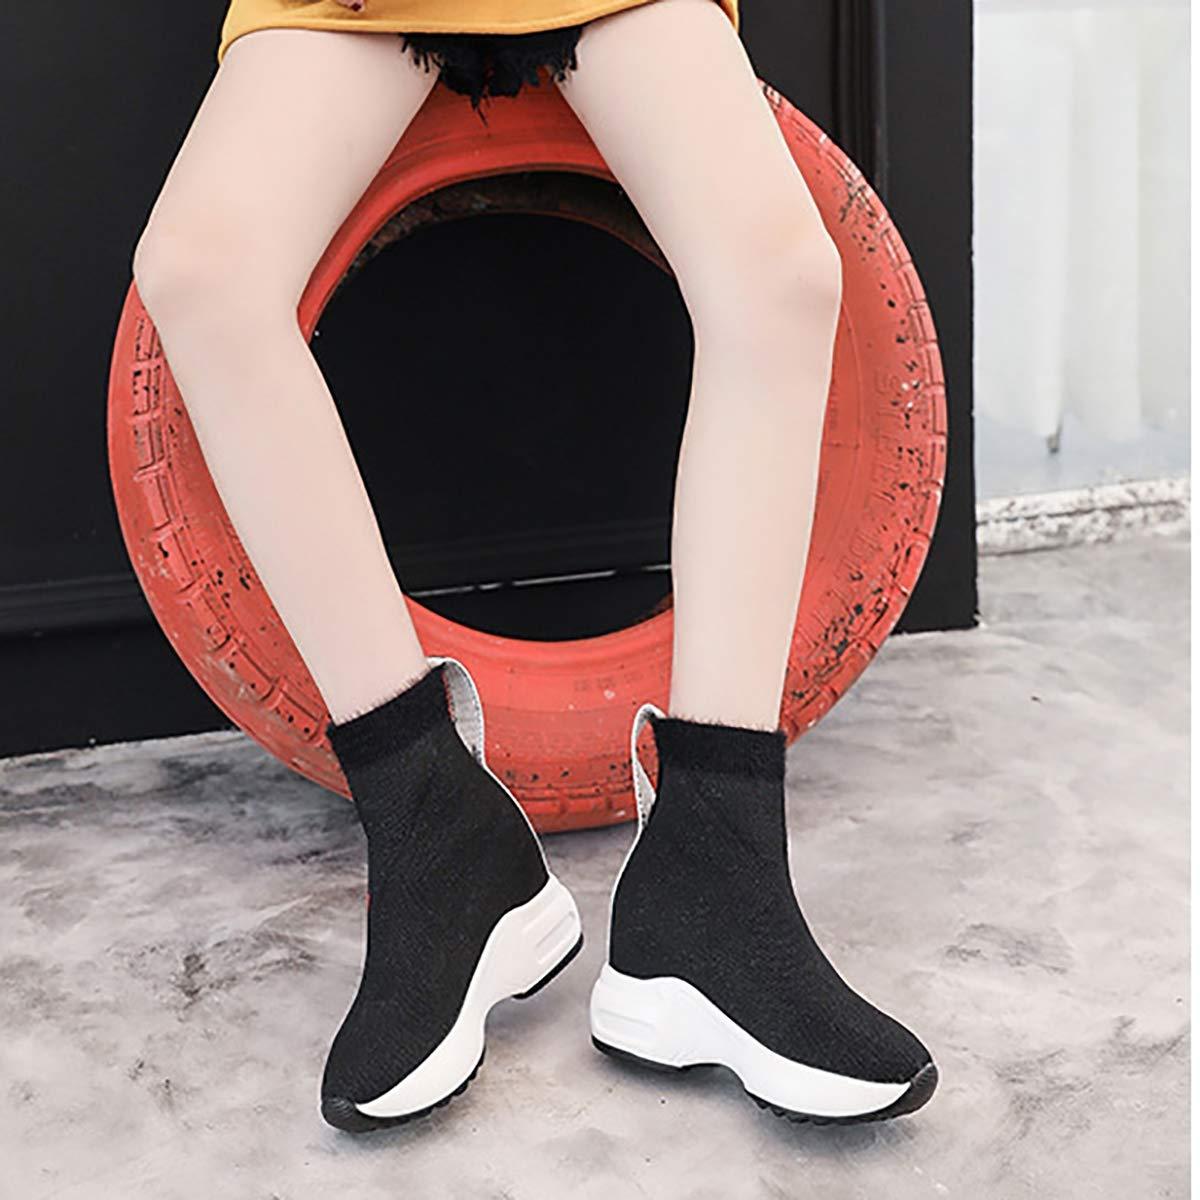 Fad-J Feste Winter lässige Damenschuhe, komfortable Trendkeile unten Feste Fad-J Farb-Stiefelies,rot,36 814e99